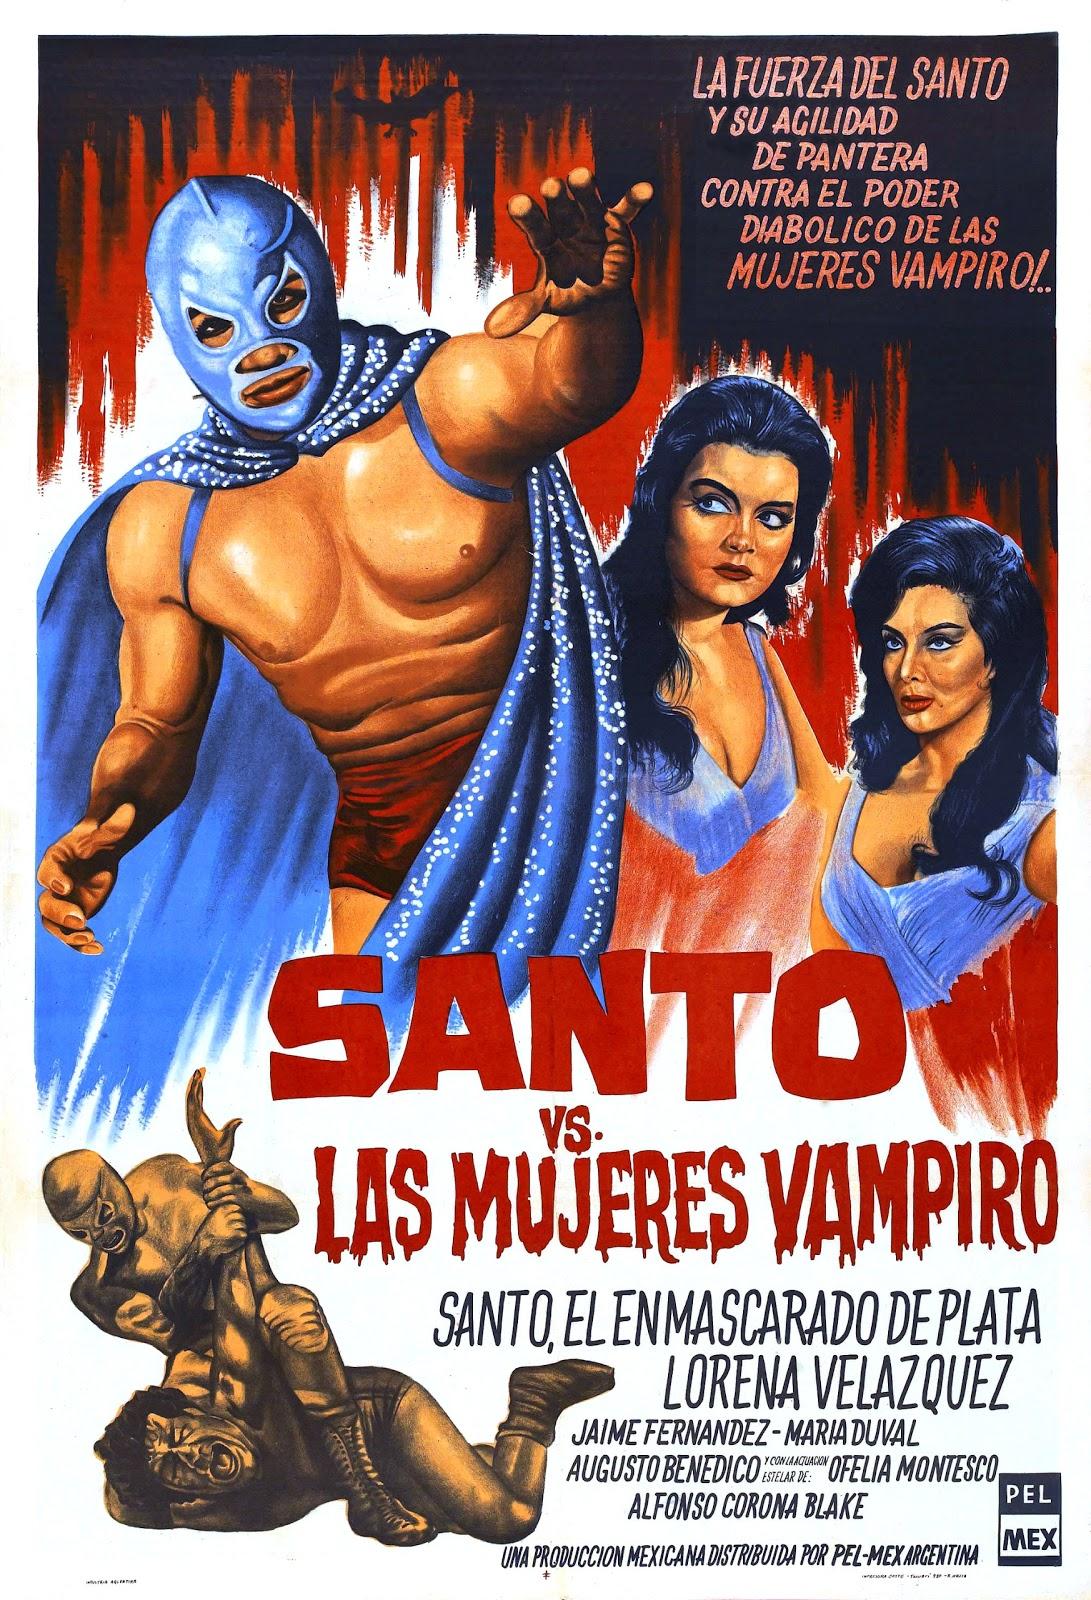 Dating a latino vampire